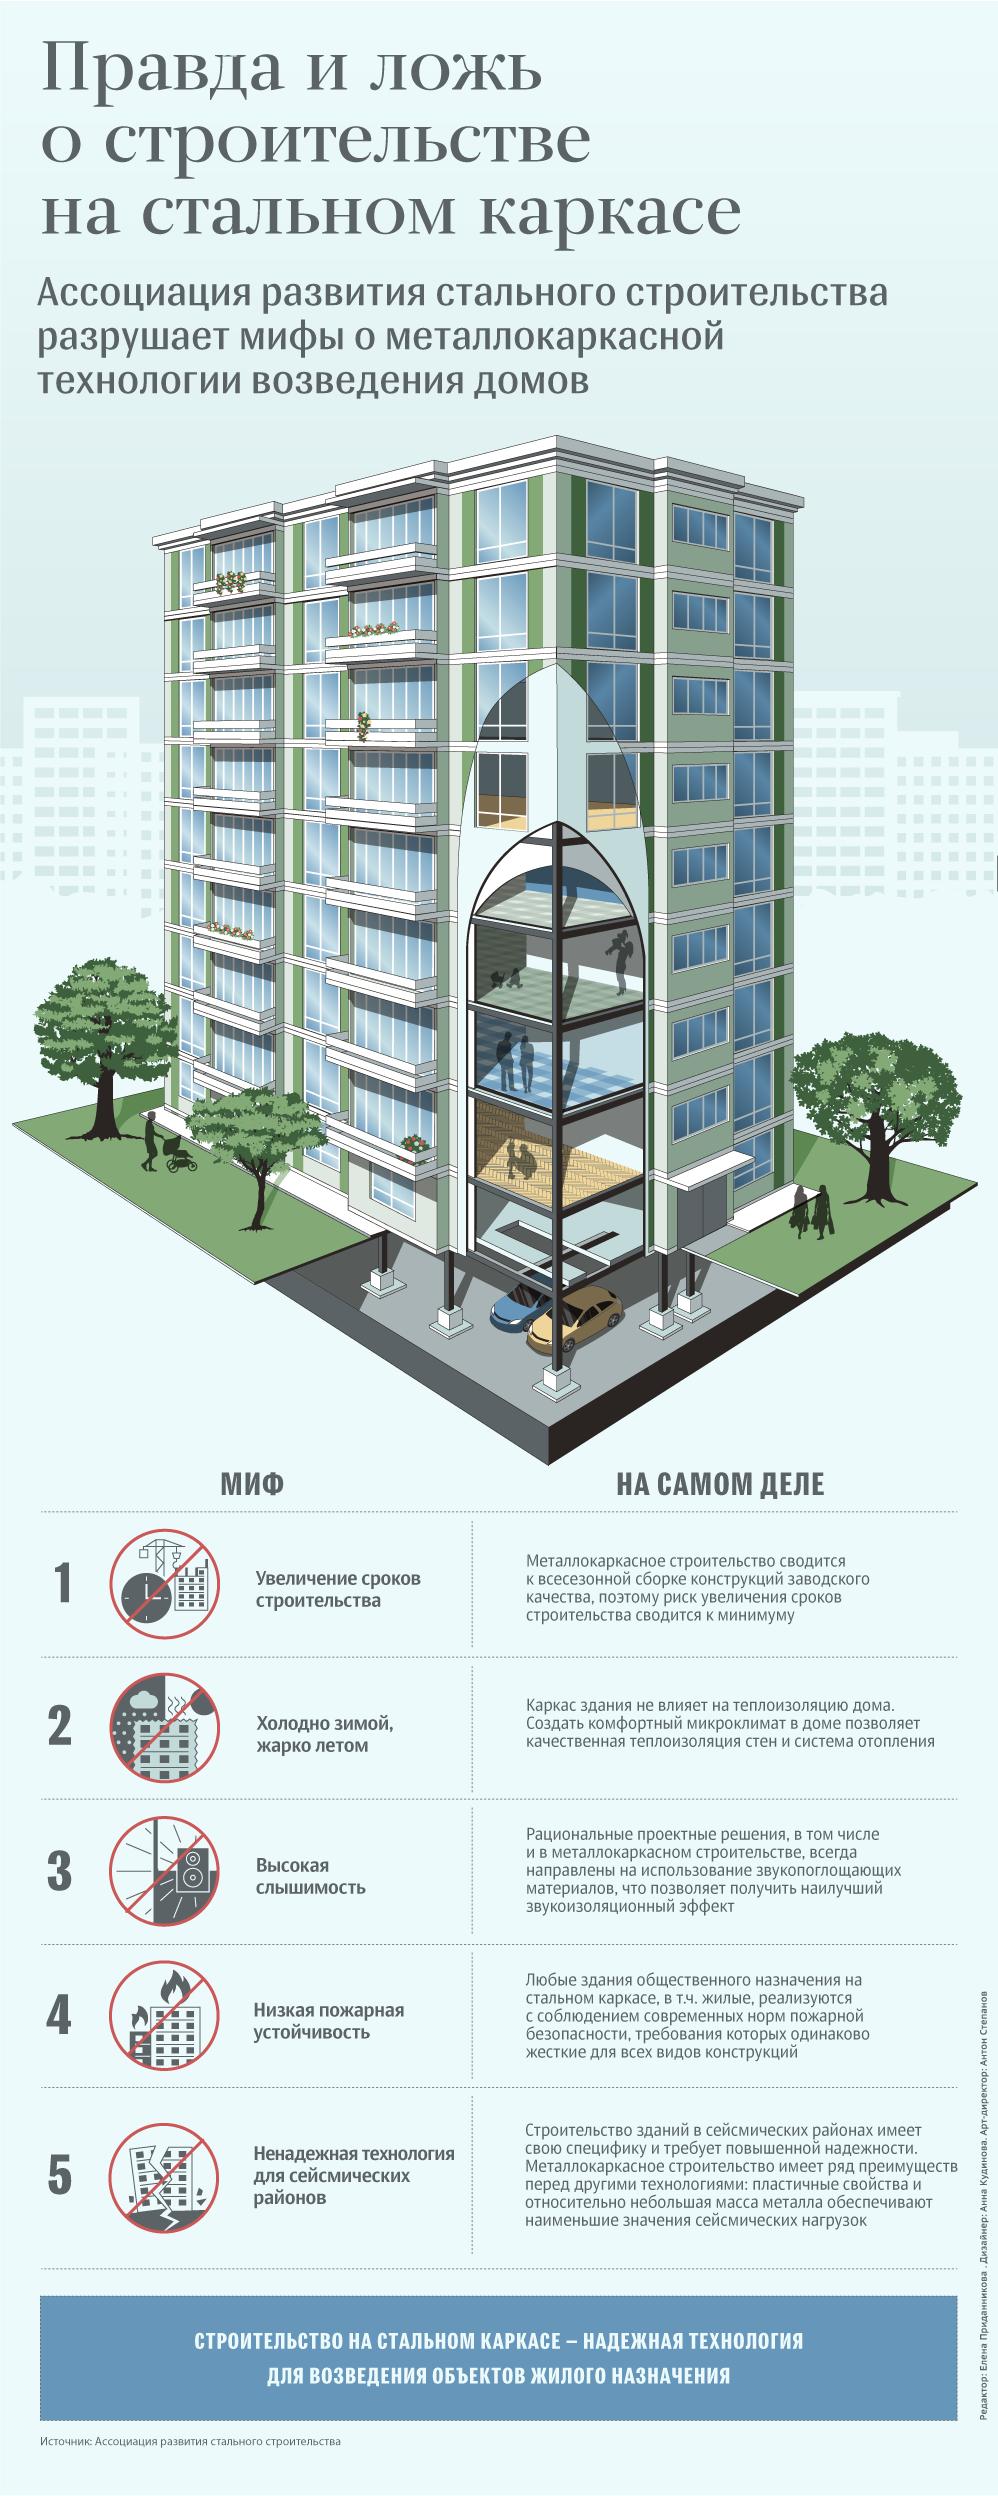 Битва за металл: разрушаем мифы о строительстве домов на стальном каркасе